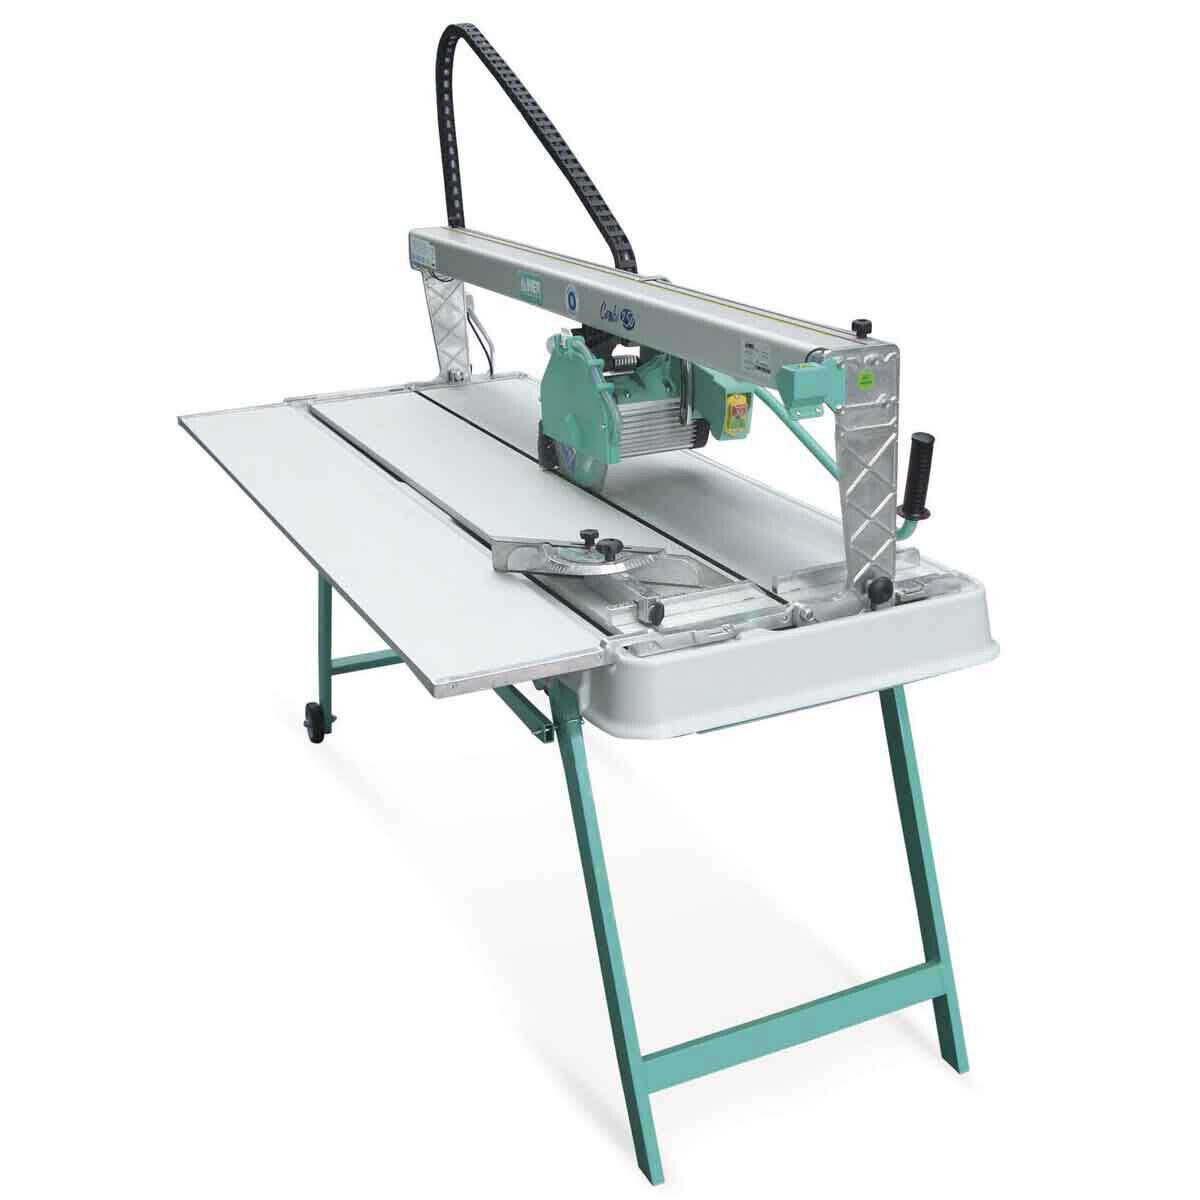 Imer Combicut 250/1500VA Tile Saw